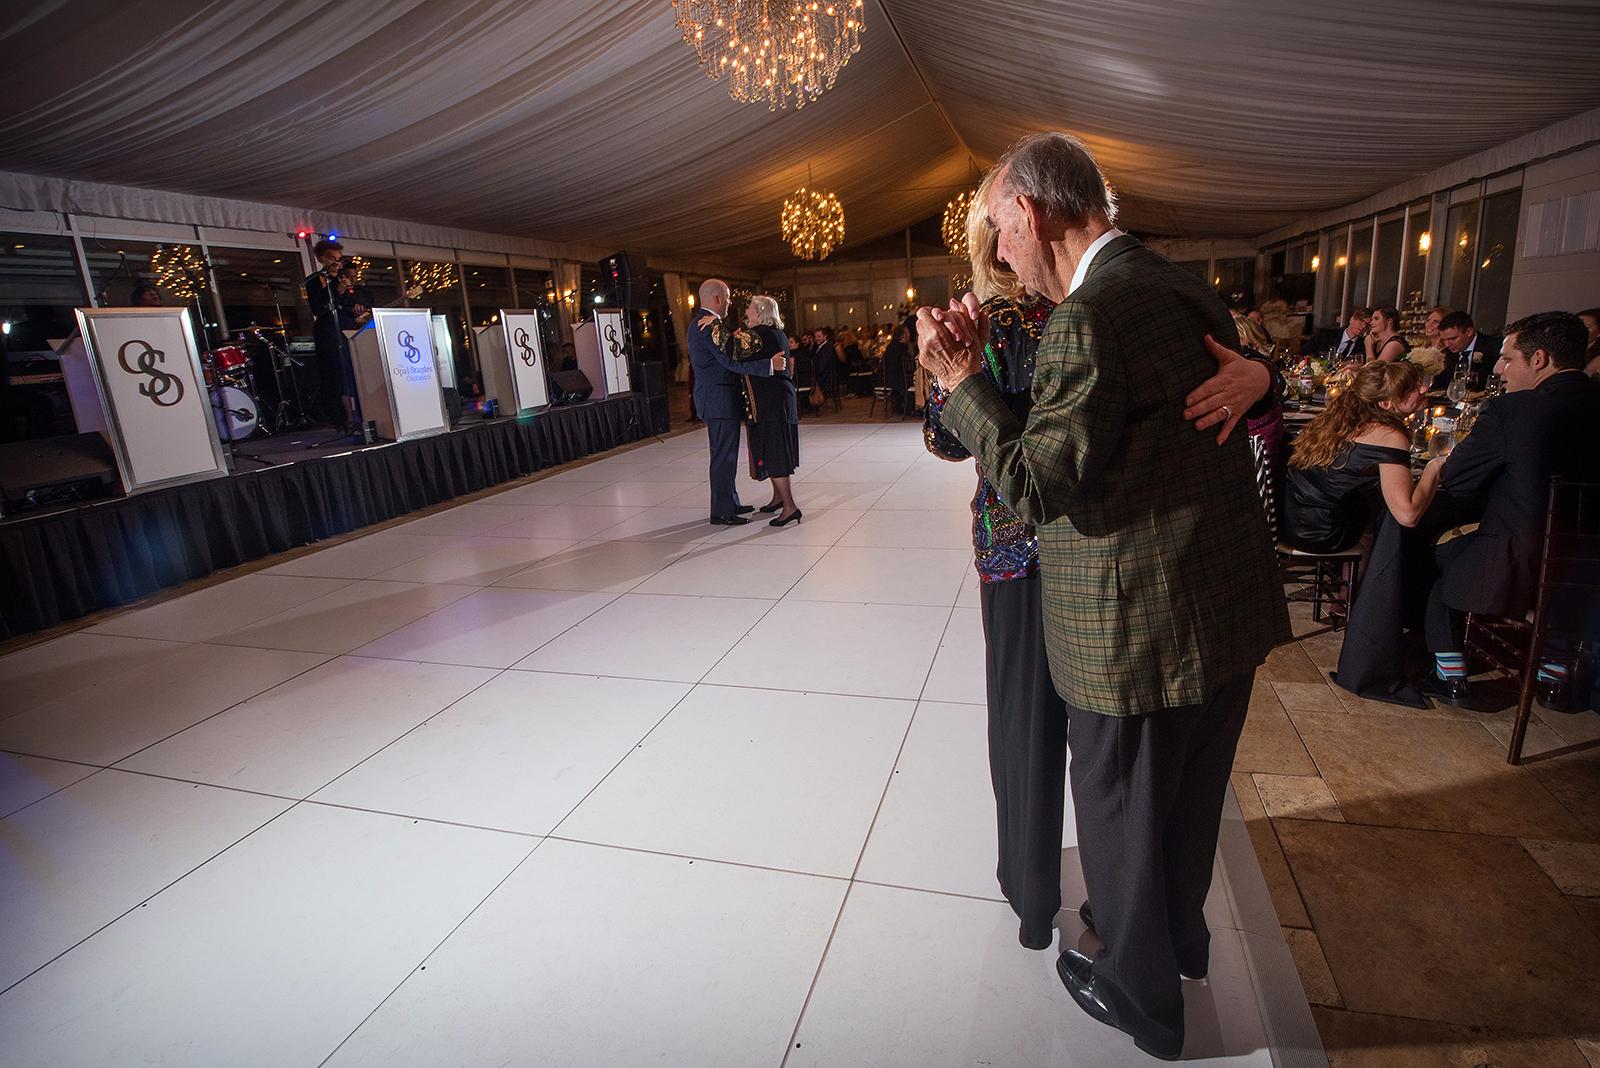 Galleria Marchetti Mother Son Dance